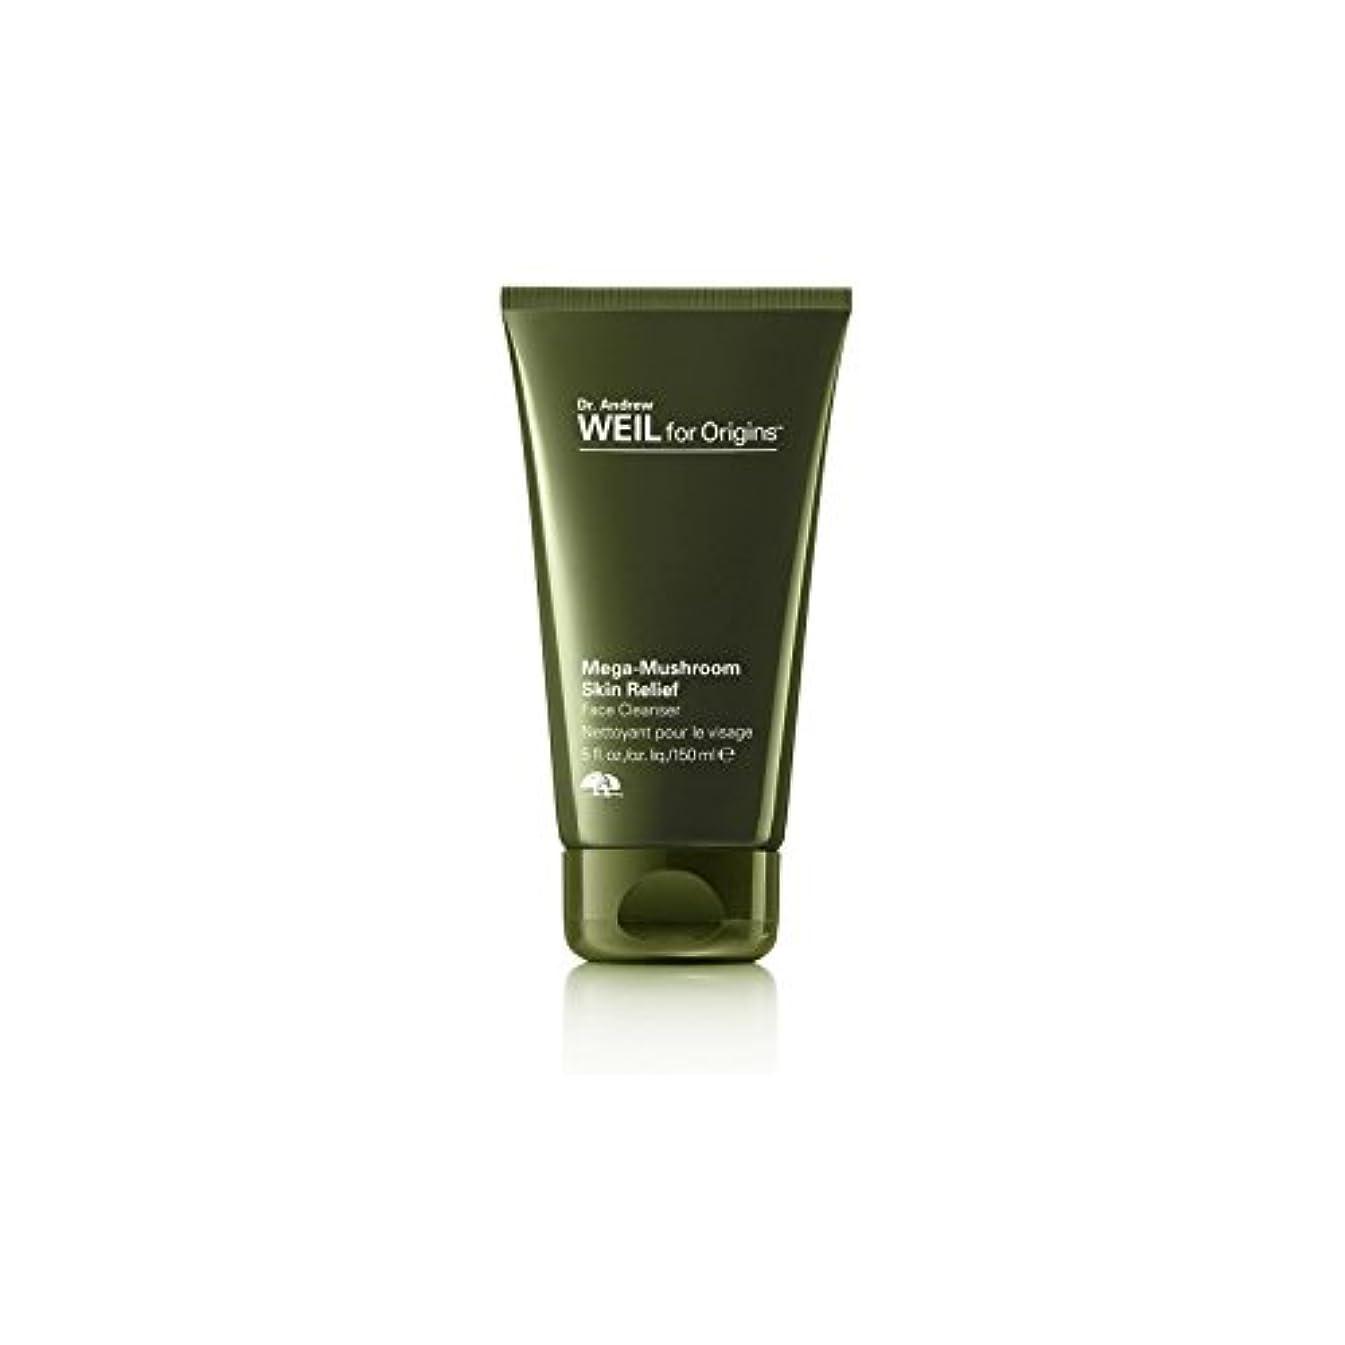 トランペット印象派黒人起源アンドルー?ワイル起源メガキノコ皮膚救済顔クレンザー150ミリリットルのために x4 - Origins Dr. Andrew Weil For Origins Mega-Mushroom Skin Relief Face...